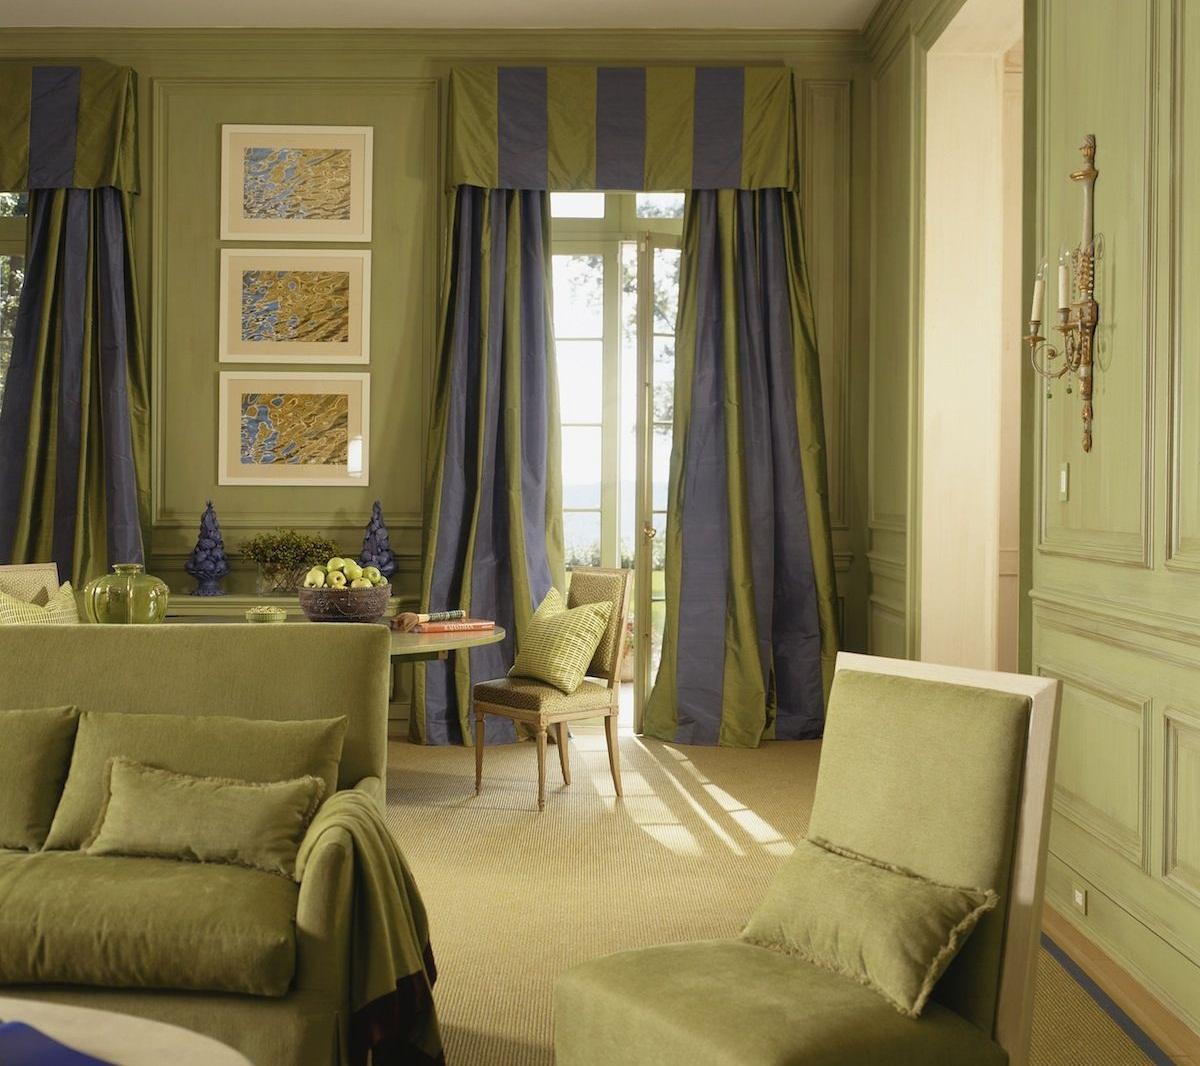 Горизонтальные полосы на шторах позволят визуально увеличить высоту потолка